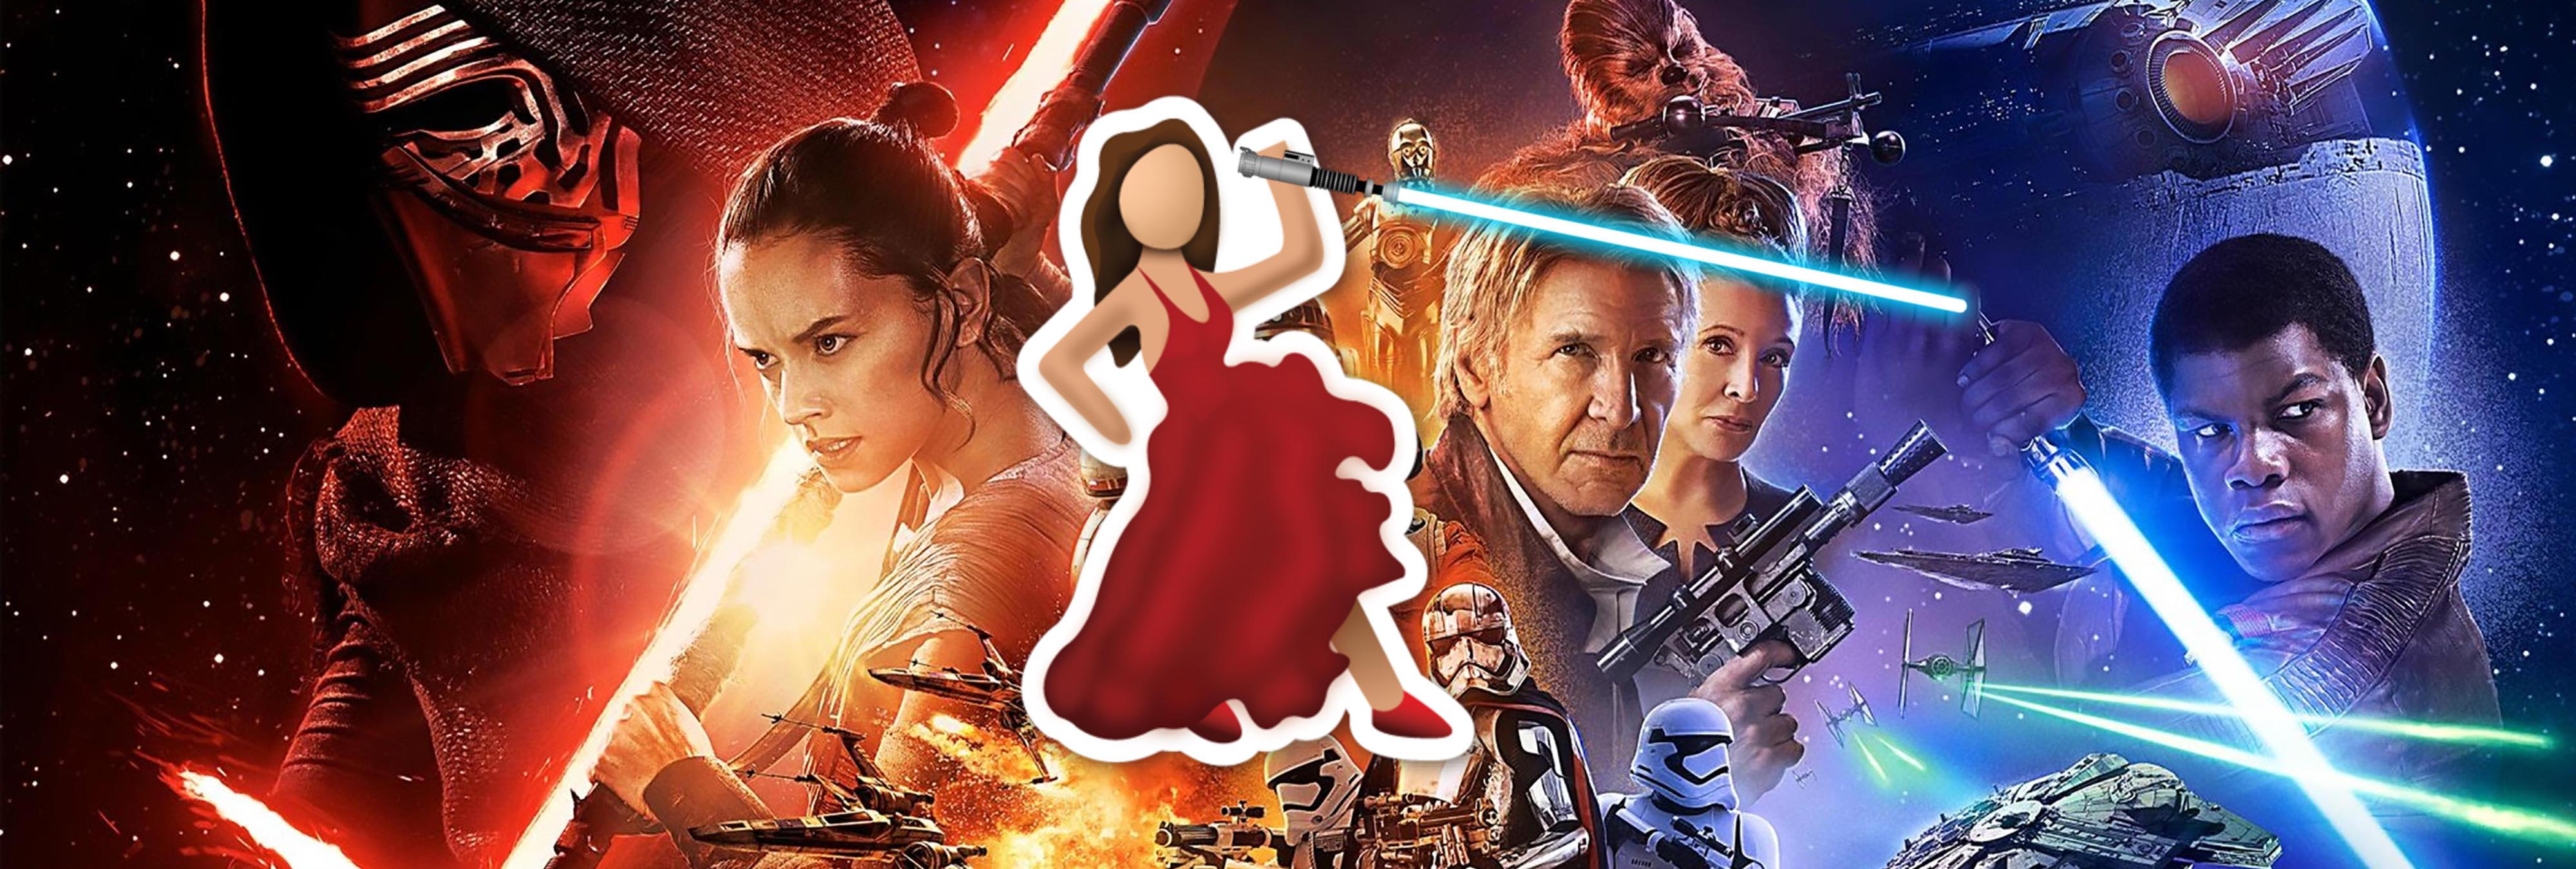 Las regiones españolas compiten en Twitter con sus propias versiones de 'Star Wars'